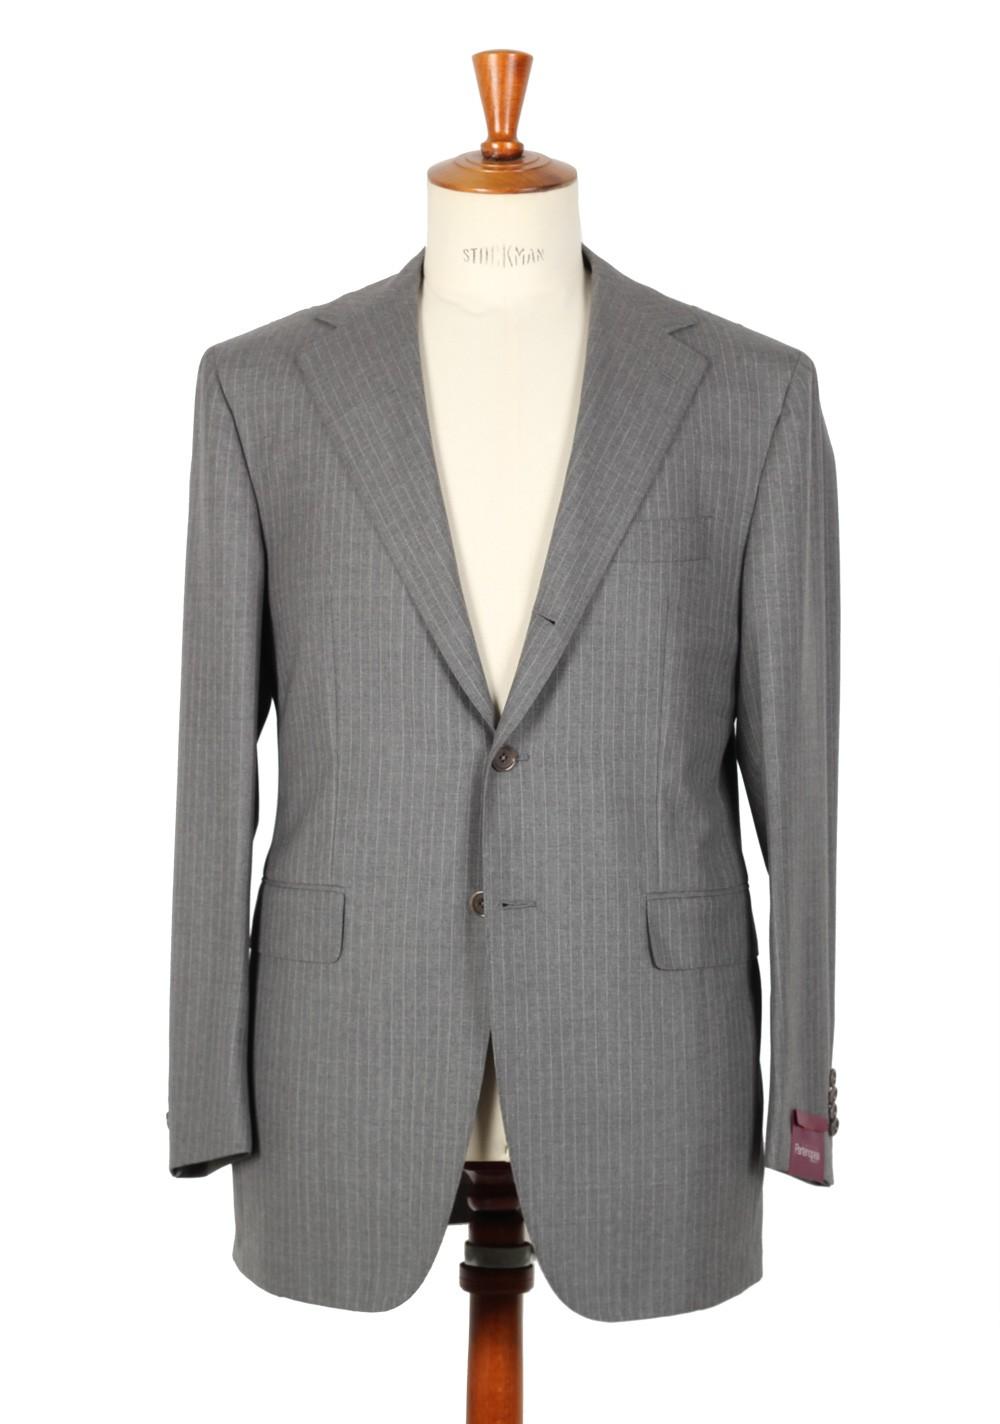 Sartoria Partenopea Suit Size 50 / 40R U.S. | Costume Limité